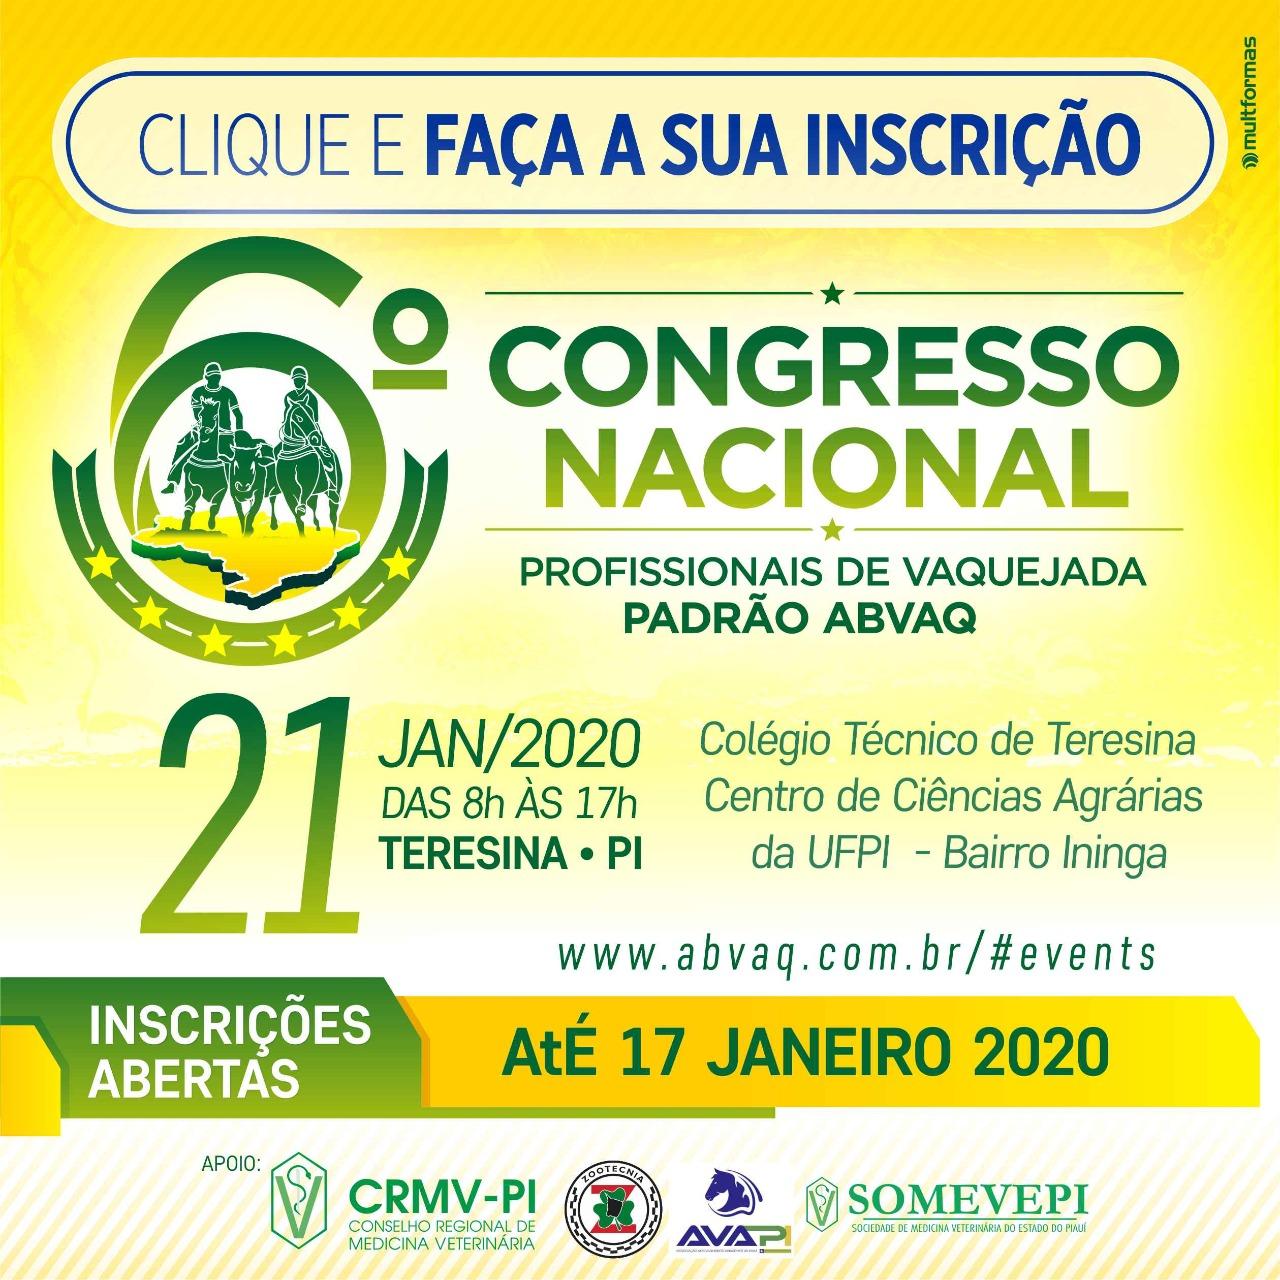 6º Congresso Nacional ABVAQ - Edição Teresina - PI